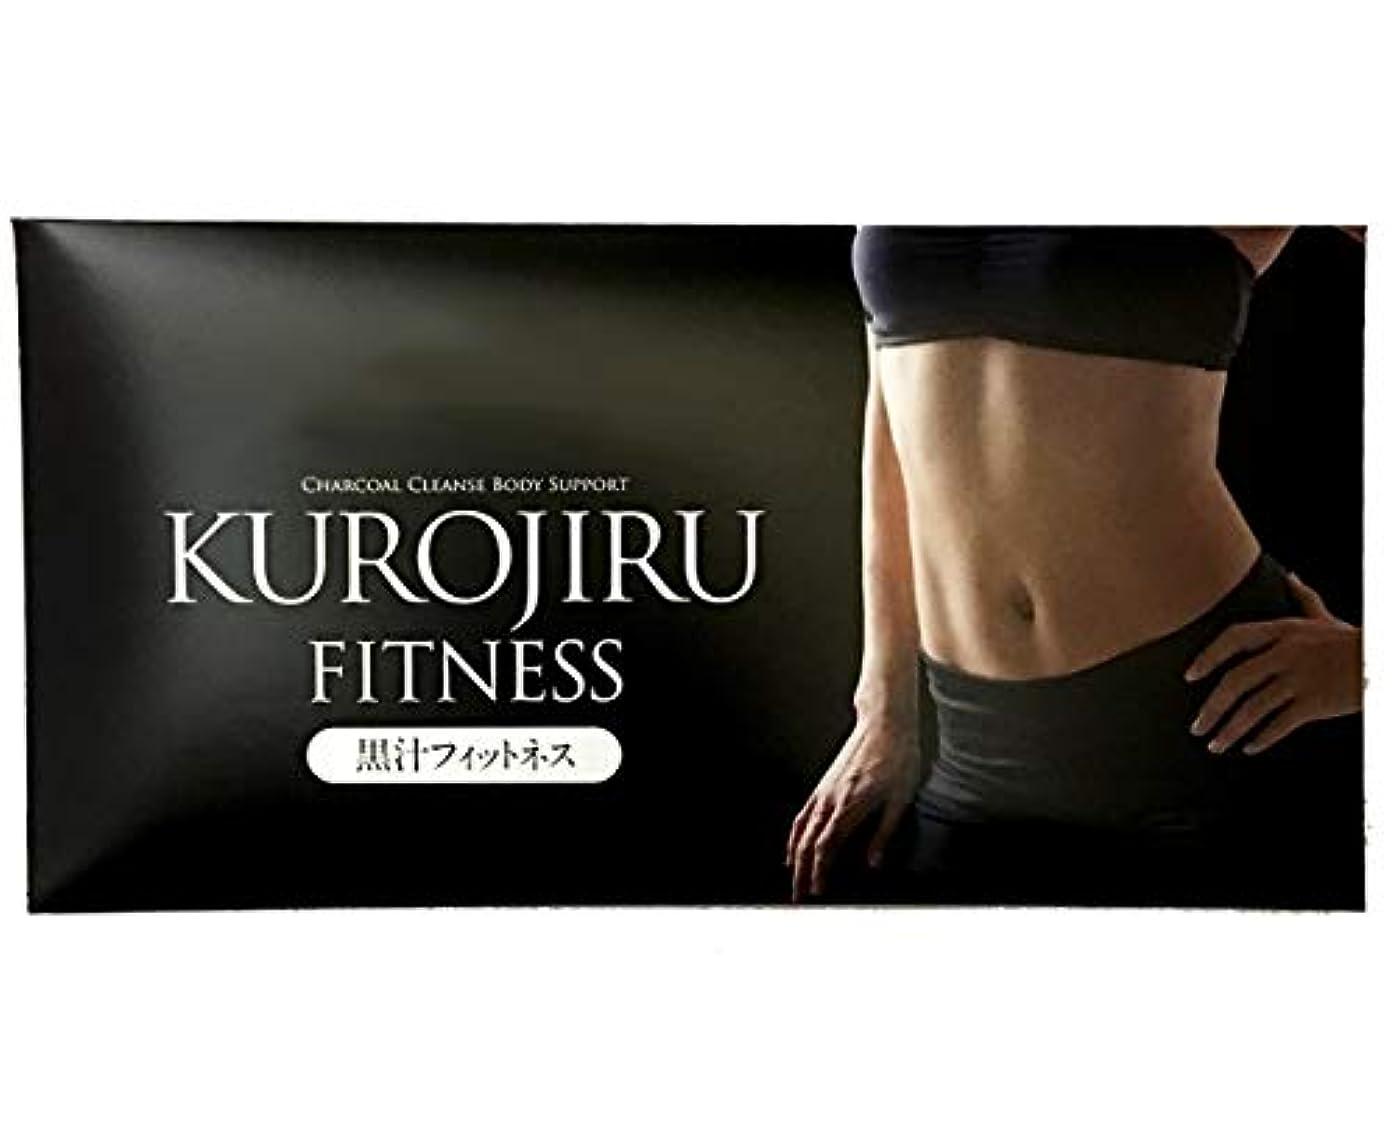 チキン剥ぎ取る流出黒汁フィットネス(KUROJIRU FITNESS) 30包 チャコールクレンズ 赤松活性炭 オリゴ糖 サラシアエキス 酵素